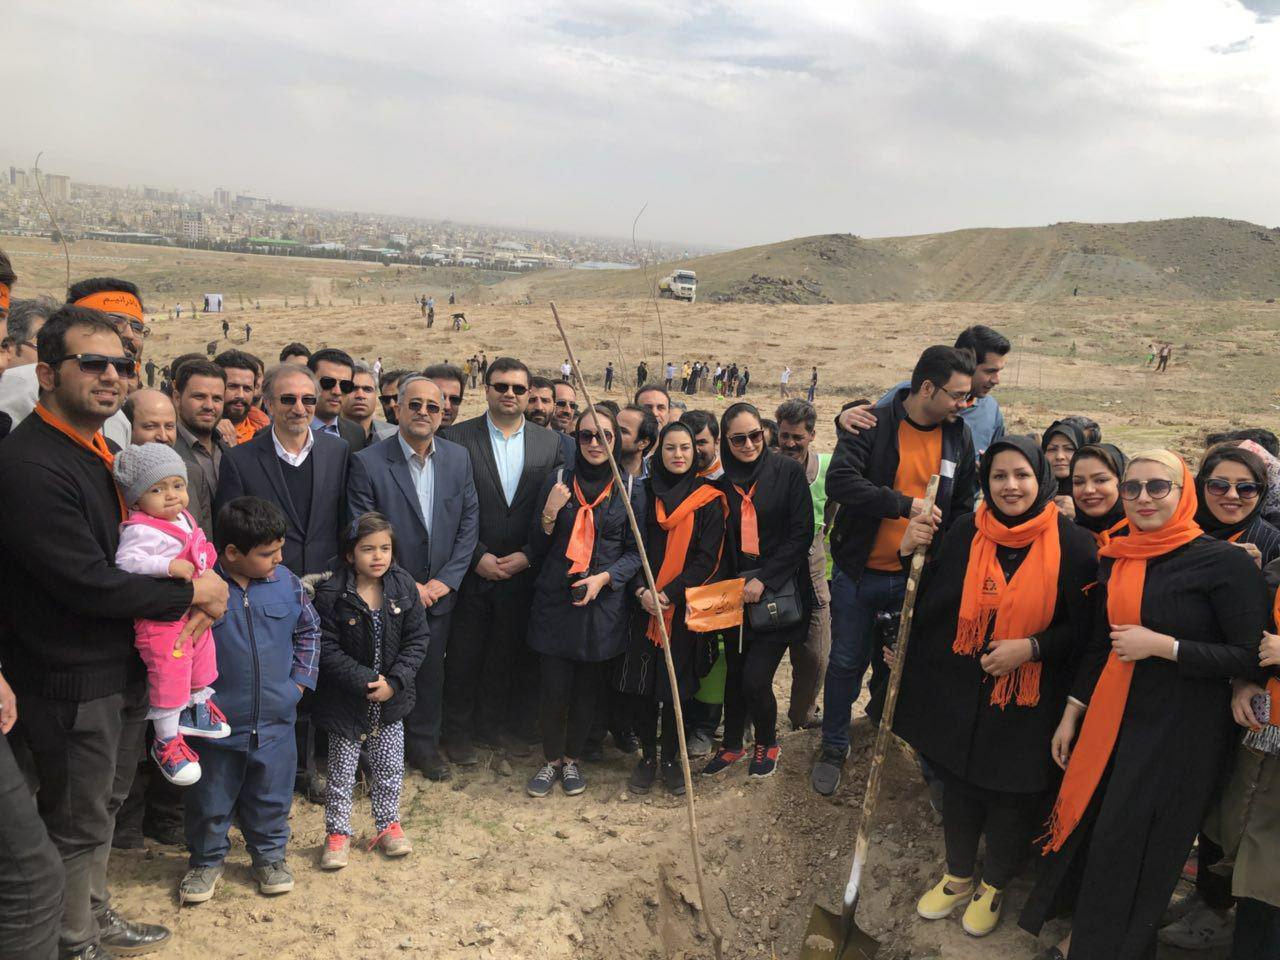 شهردار مشهد روز درختکاری در جمع بادرانی ها